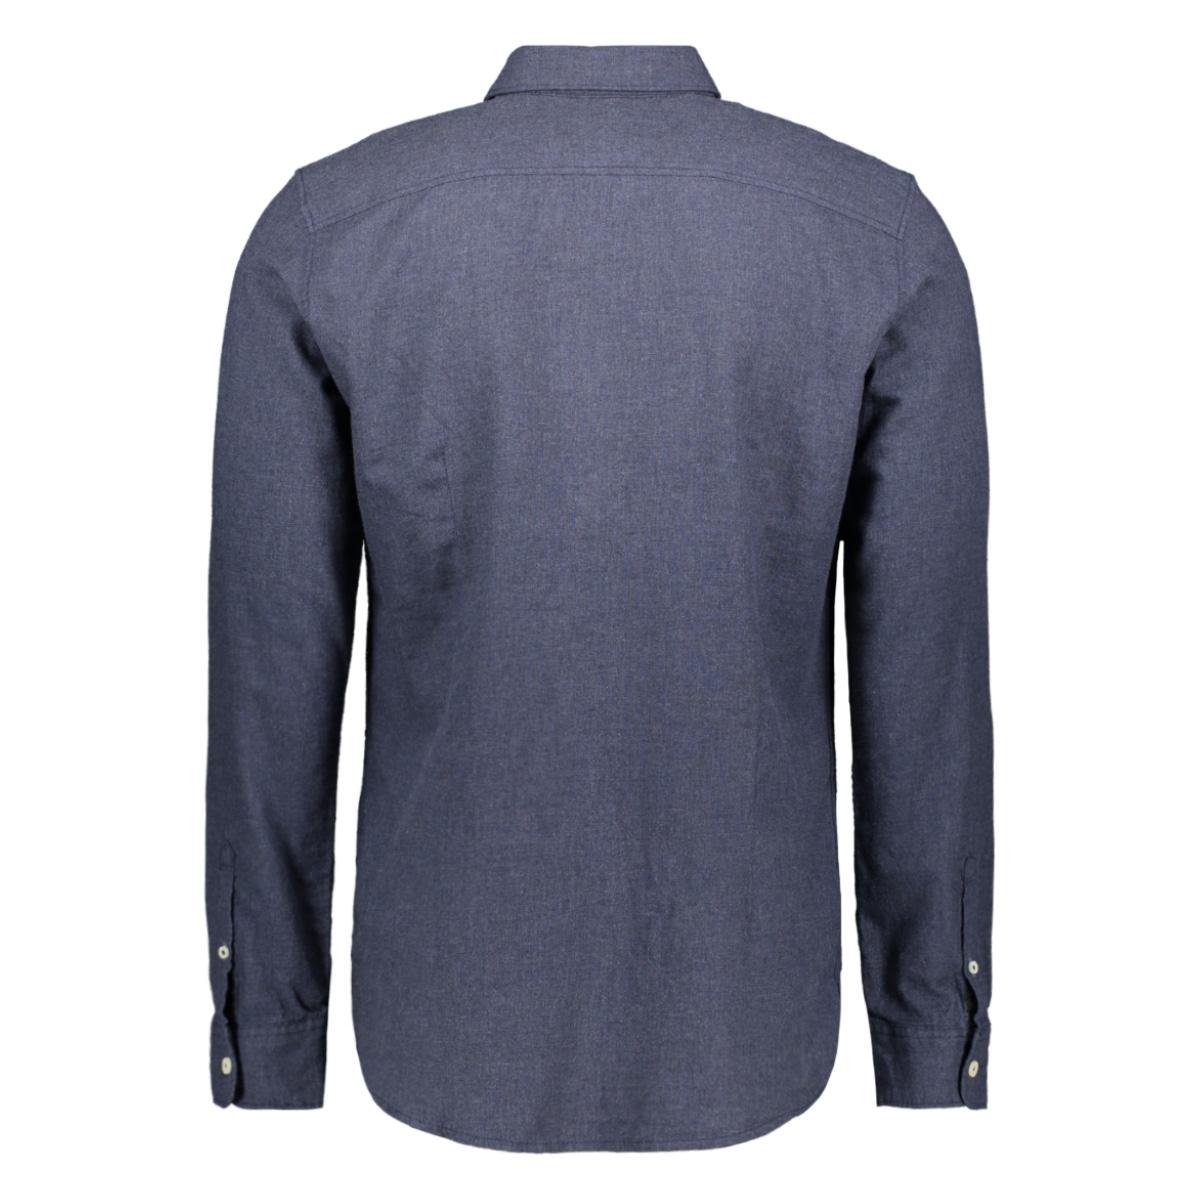 overhemd in melange look 1015542xx10 tom tailor overhemd 20797